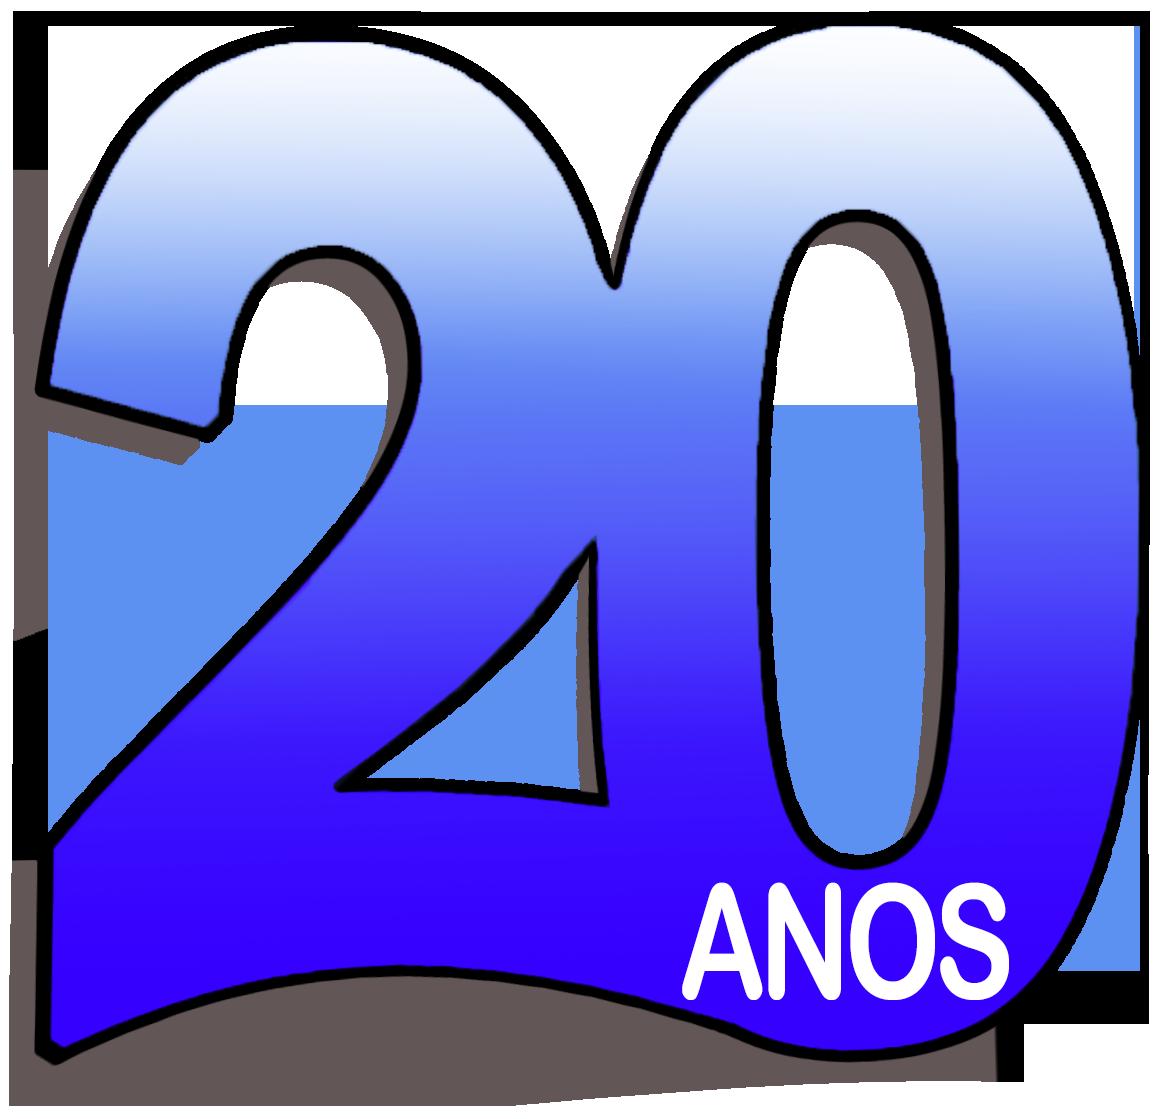 20anosLogo